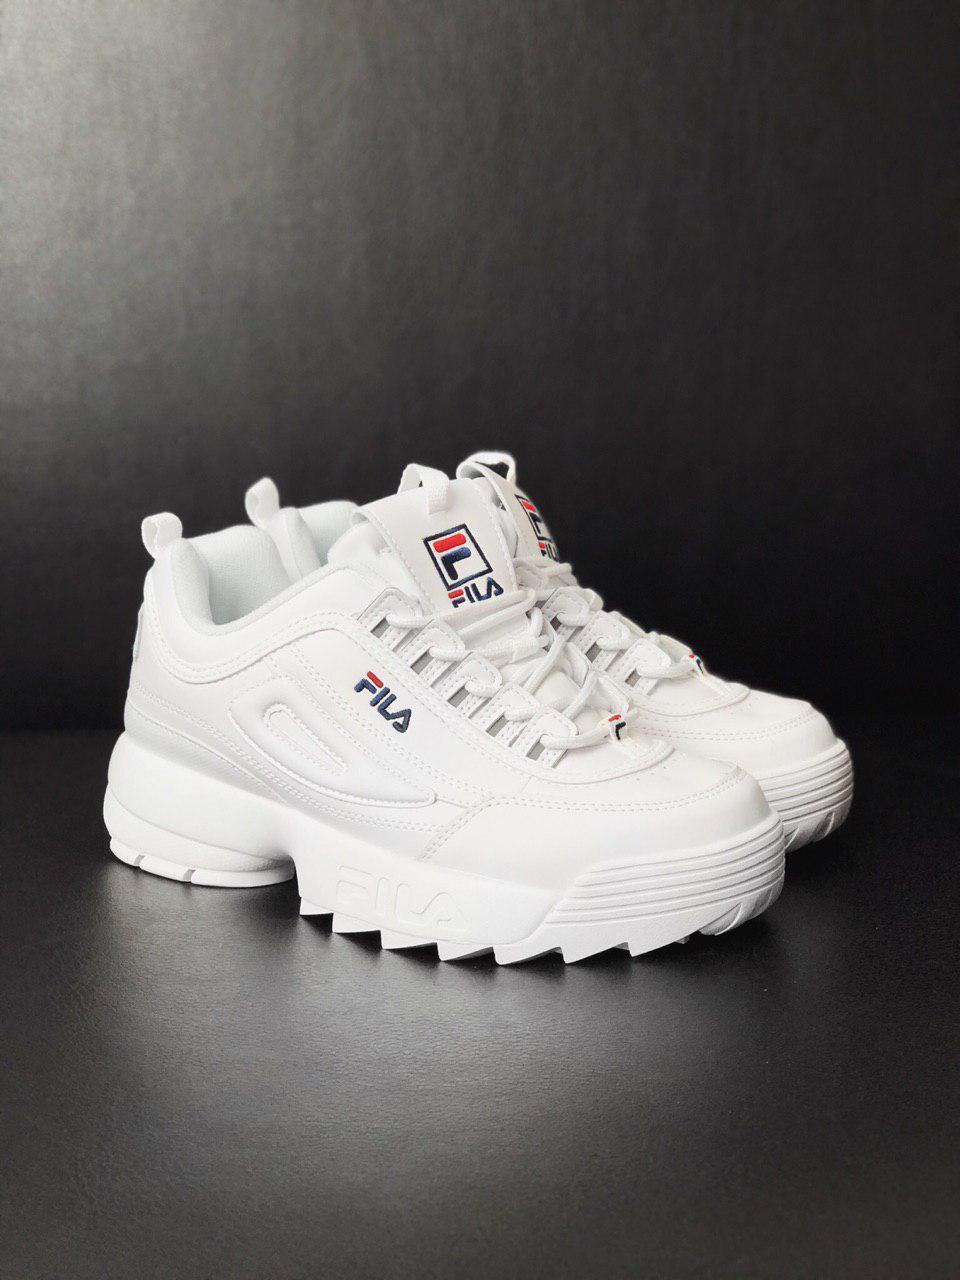 Фила Дисраптор 2 полностью белые. Женские осенние кроссовки белого цвета Fila Disruptor II white 41